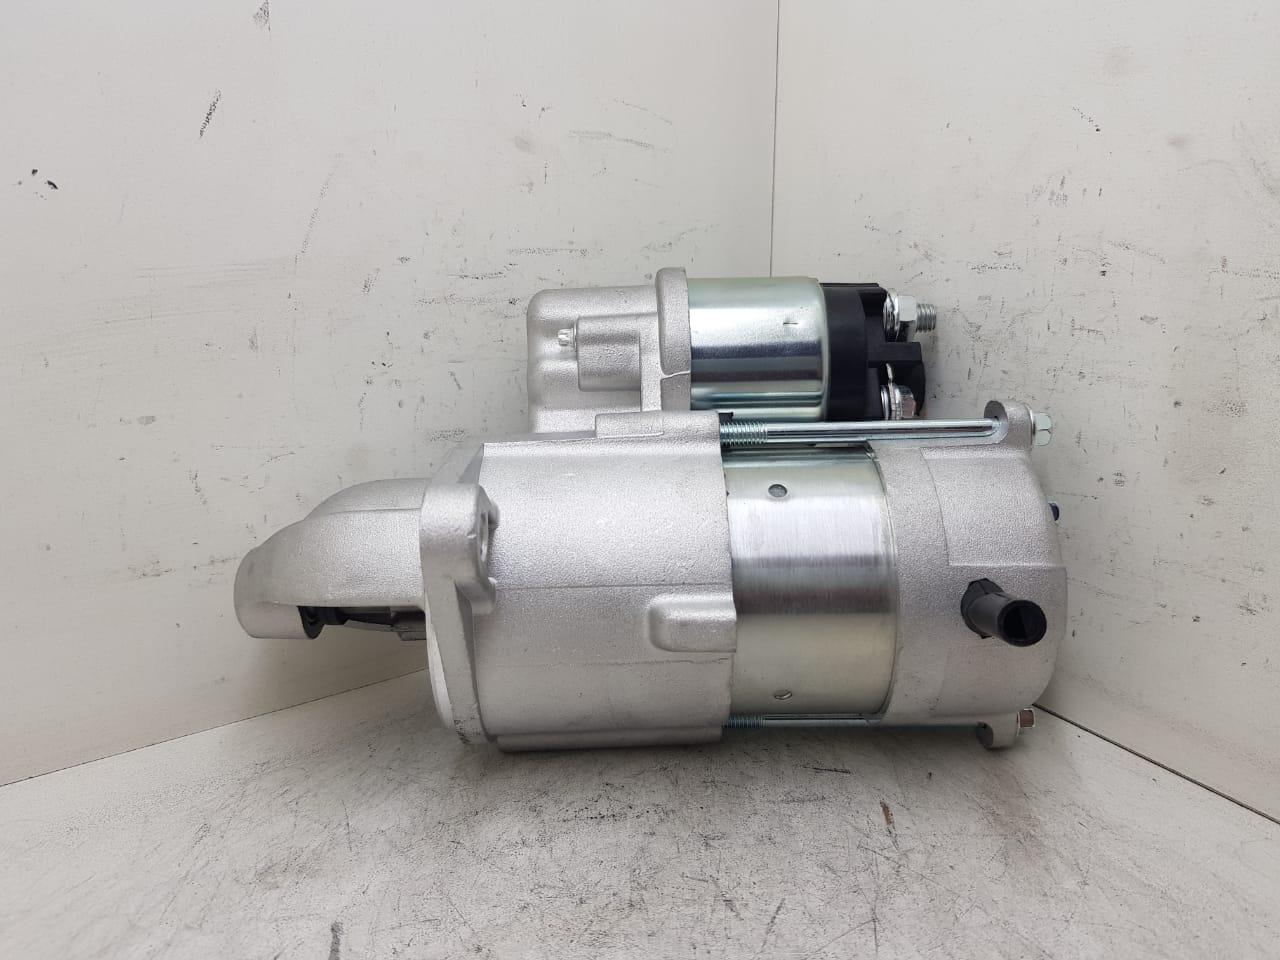 Motor de arranque GM ONIX PRISMA CELTA CORSA COLBAT SPIN 1.0 1.4 1.8 LT LTZ 12V 8000660 GM24579009 GM93374341 DR8000444 DR8000660 E 20582 D 20325 AEC11027